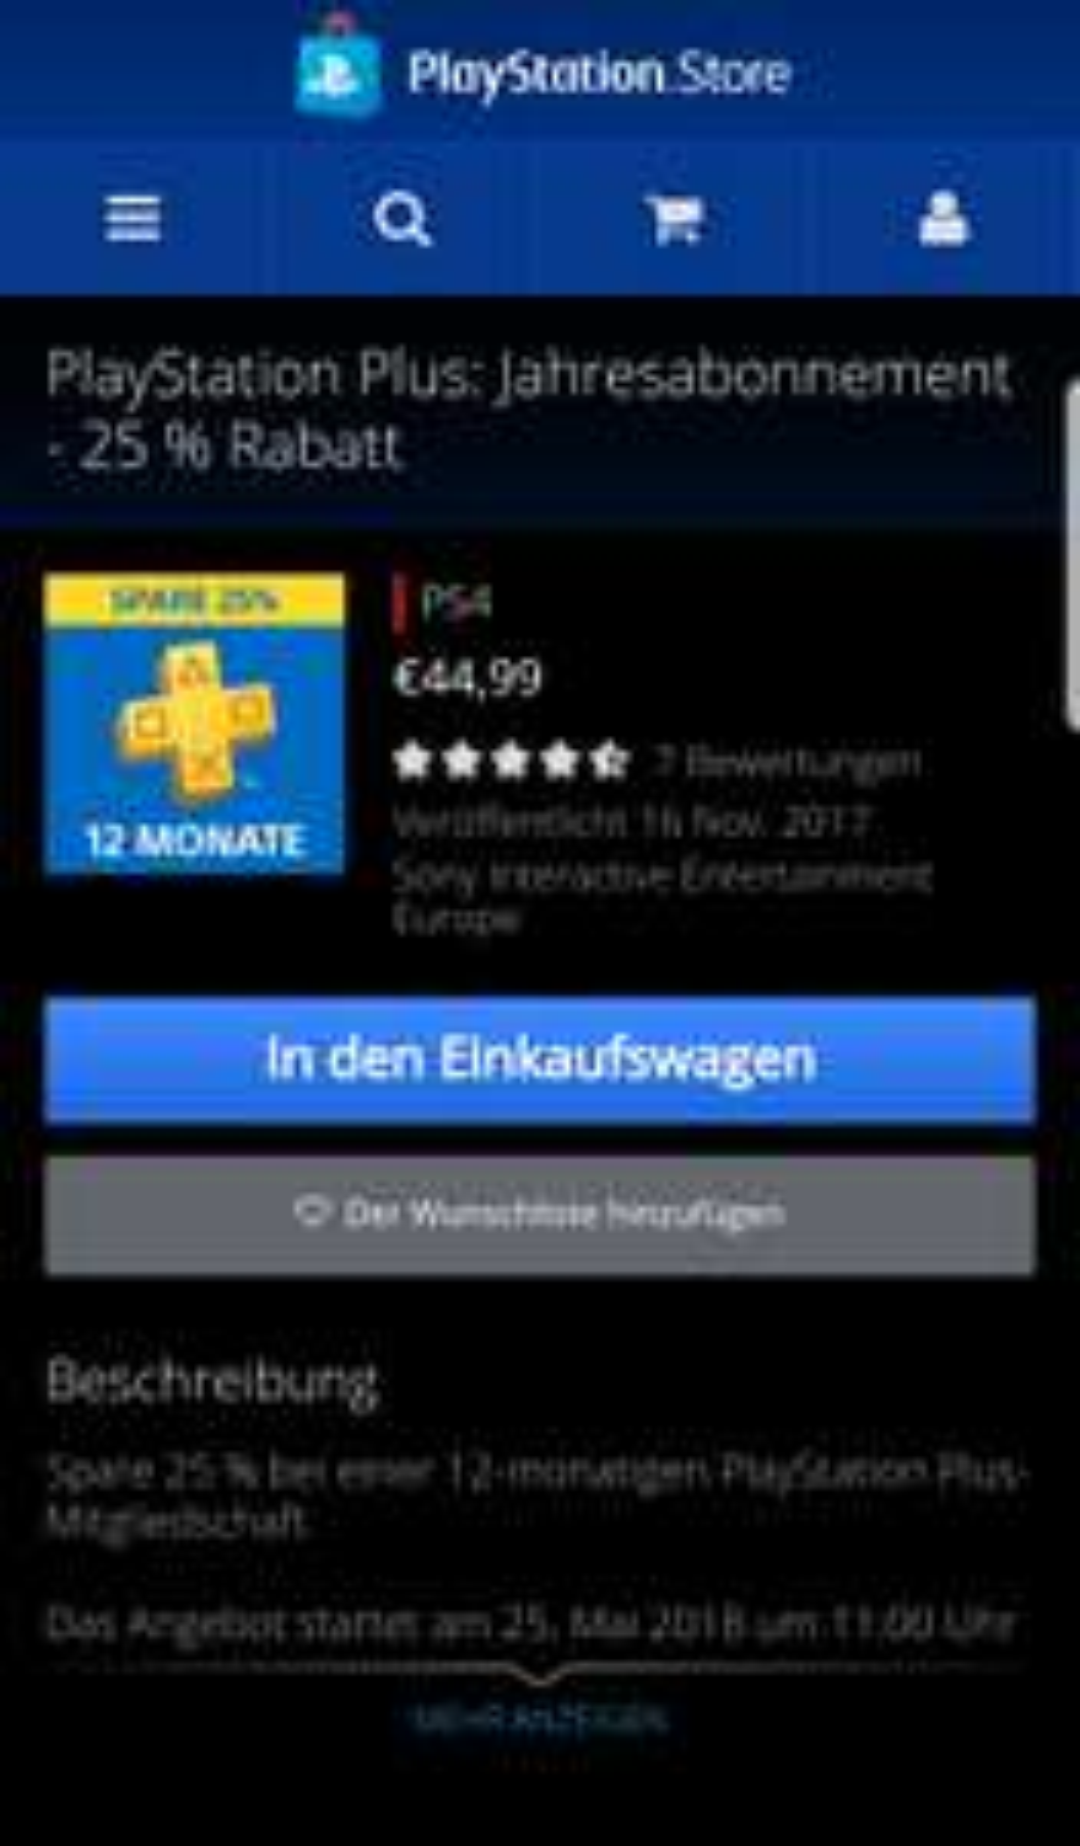 Playstation Plus 12 Monate und 3 Monate im Playstation Store (25% reduziert)